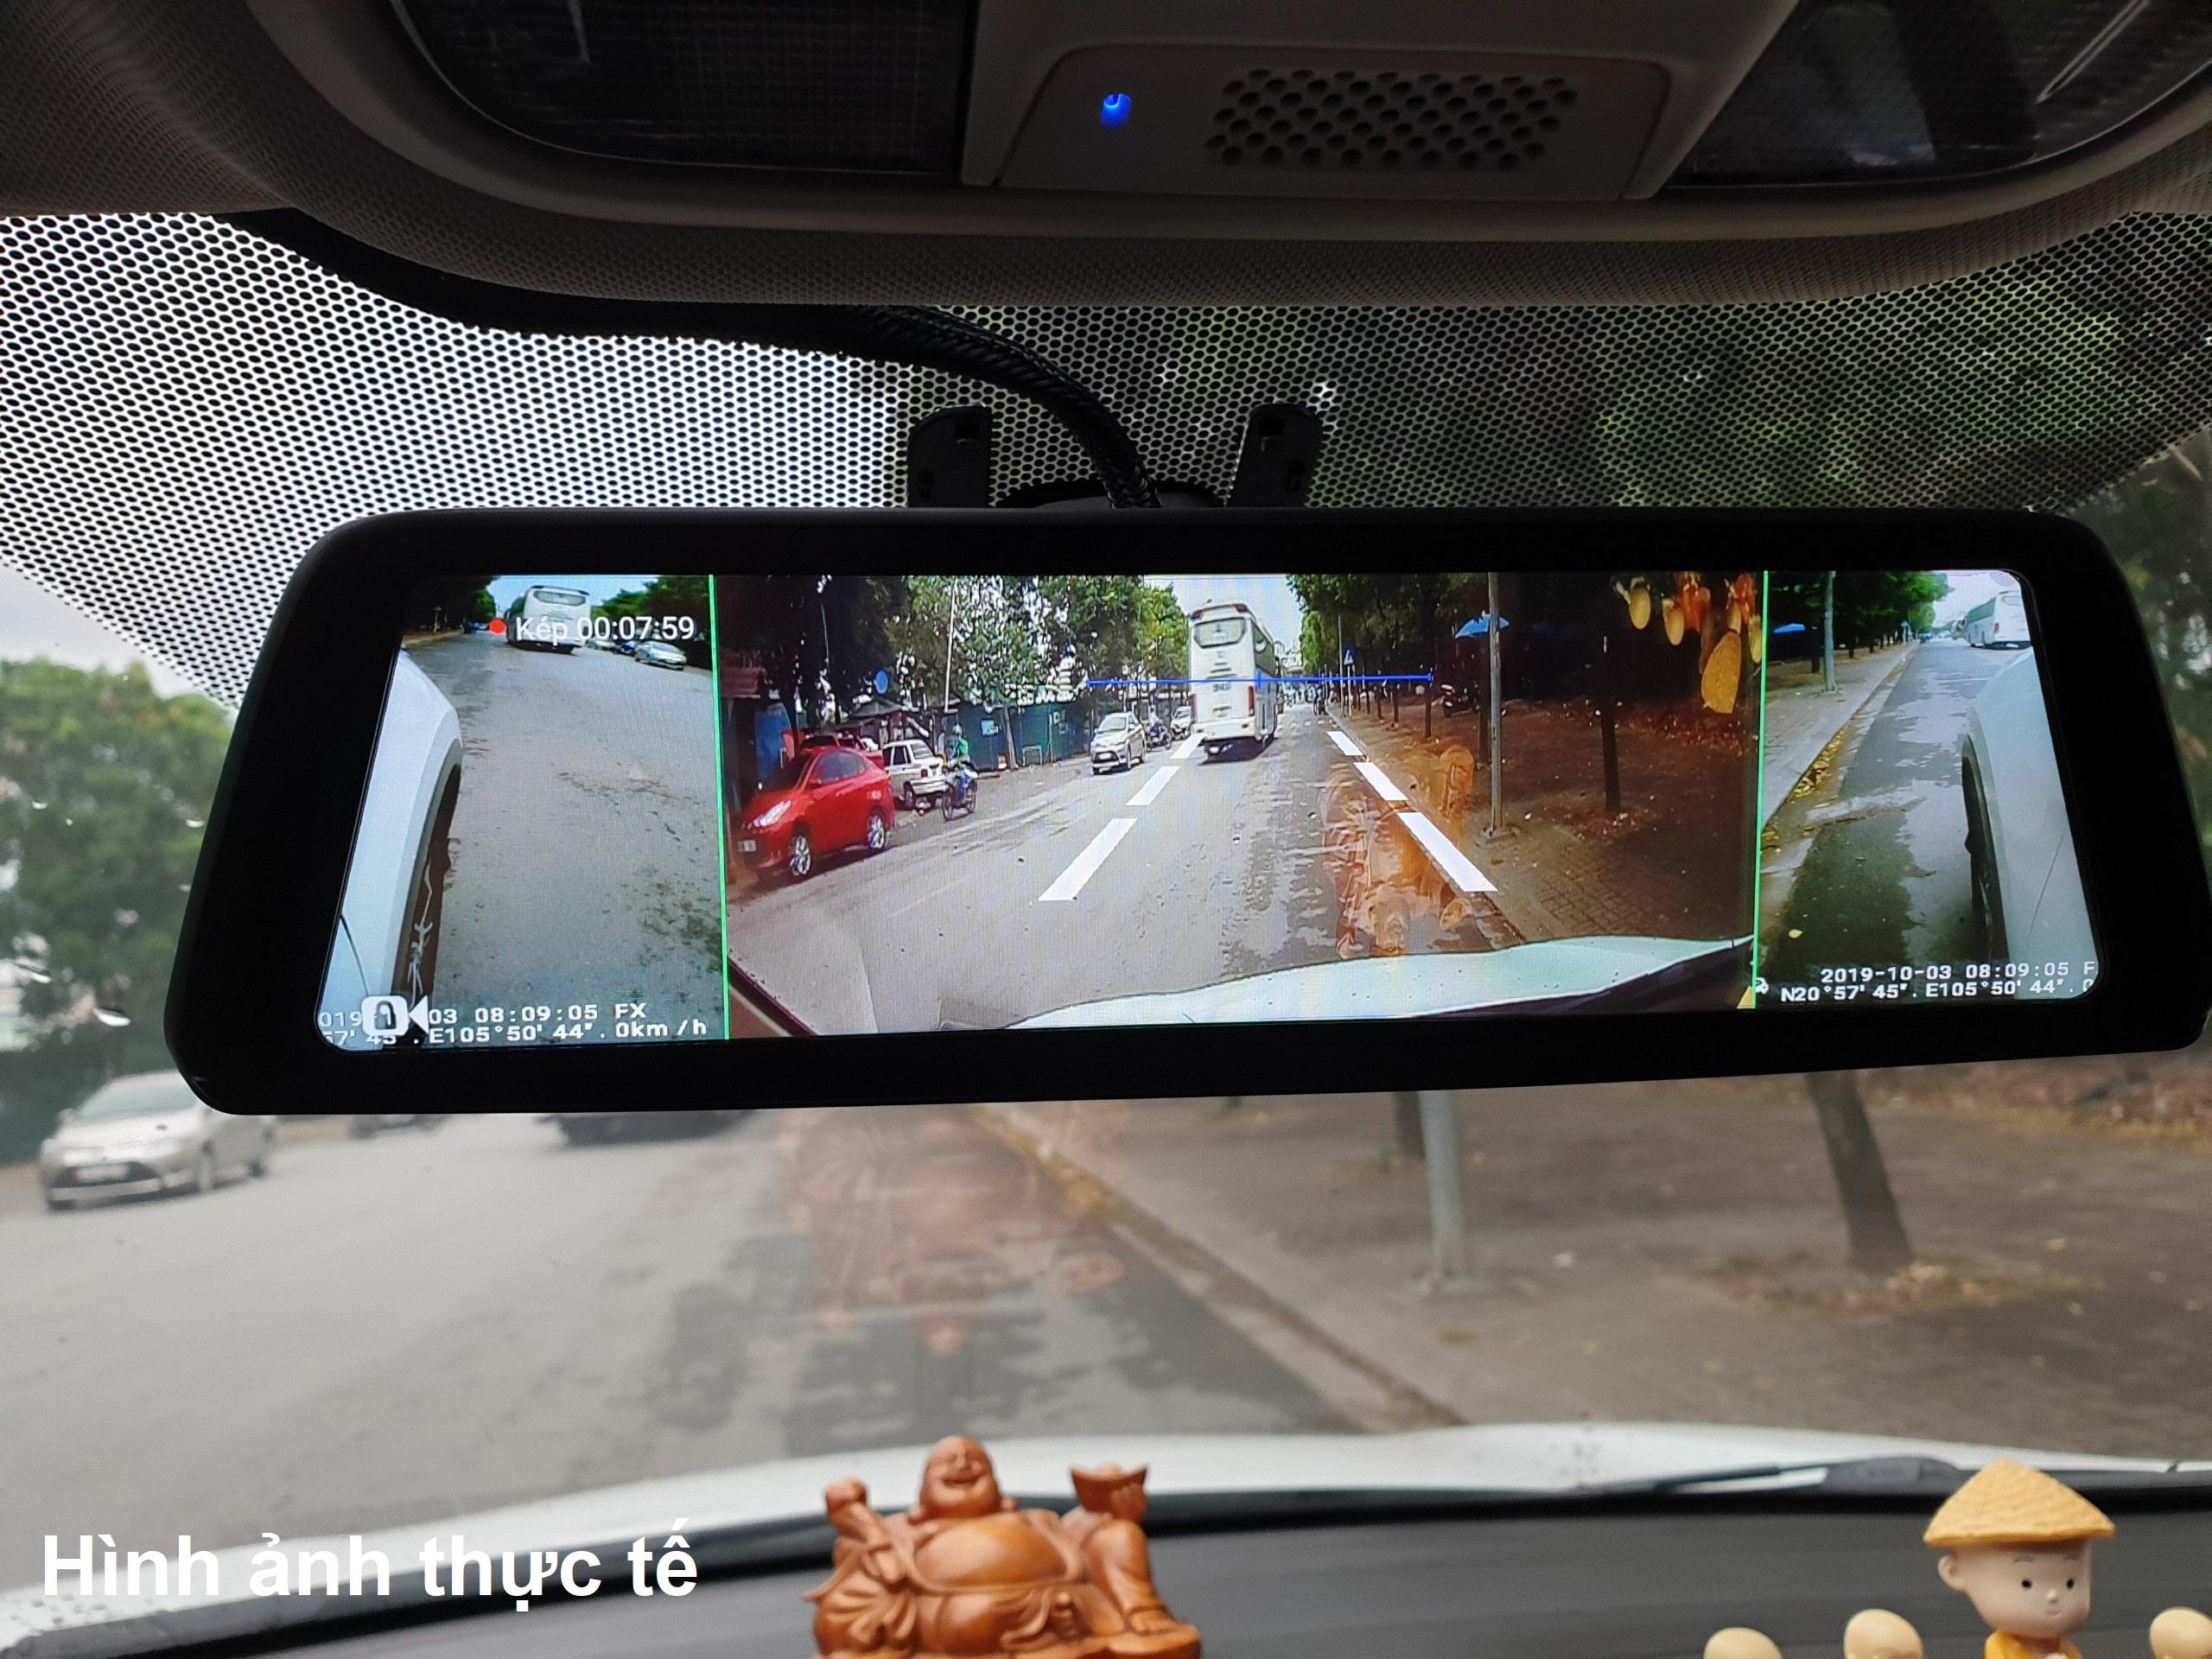 Camera hành trình cao cấp Phisung V9 Plus tích hợp 4 camera, Android Wifi GPS